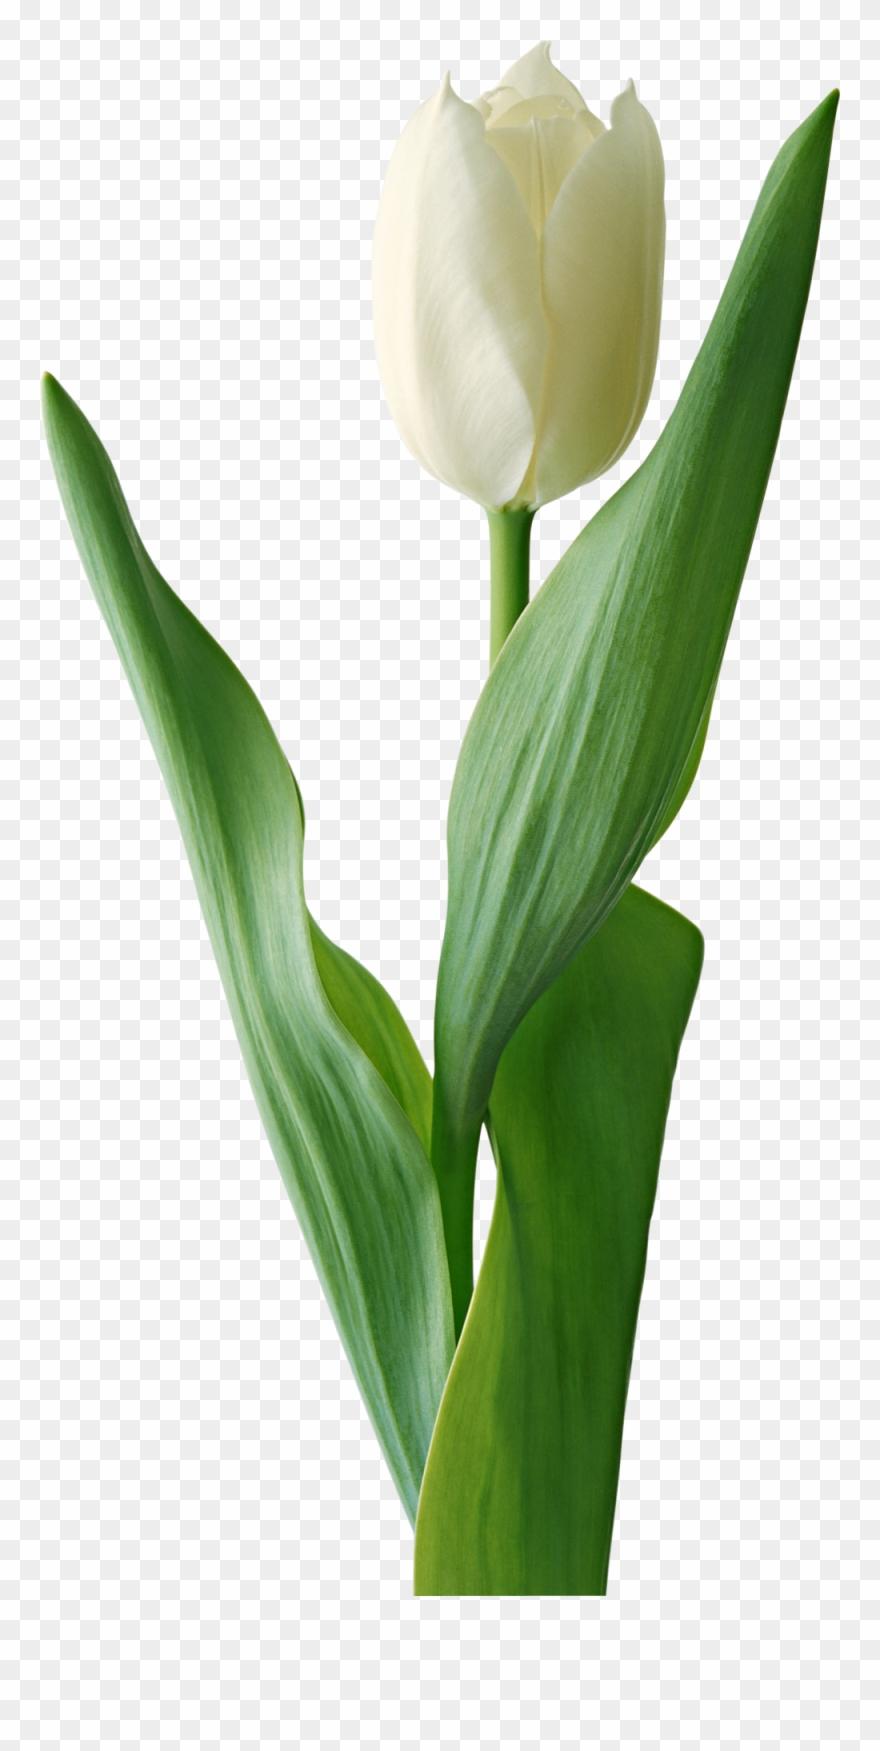 tulip # 5083169